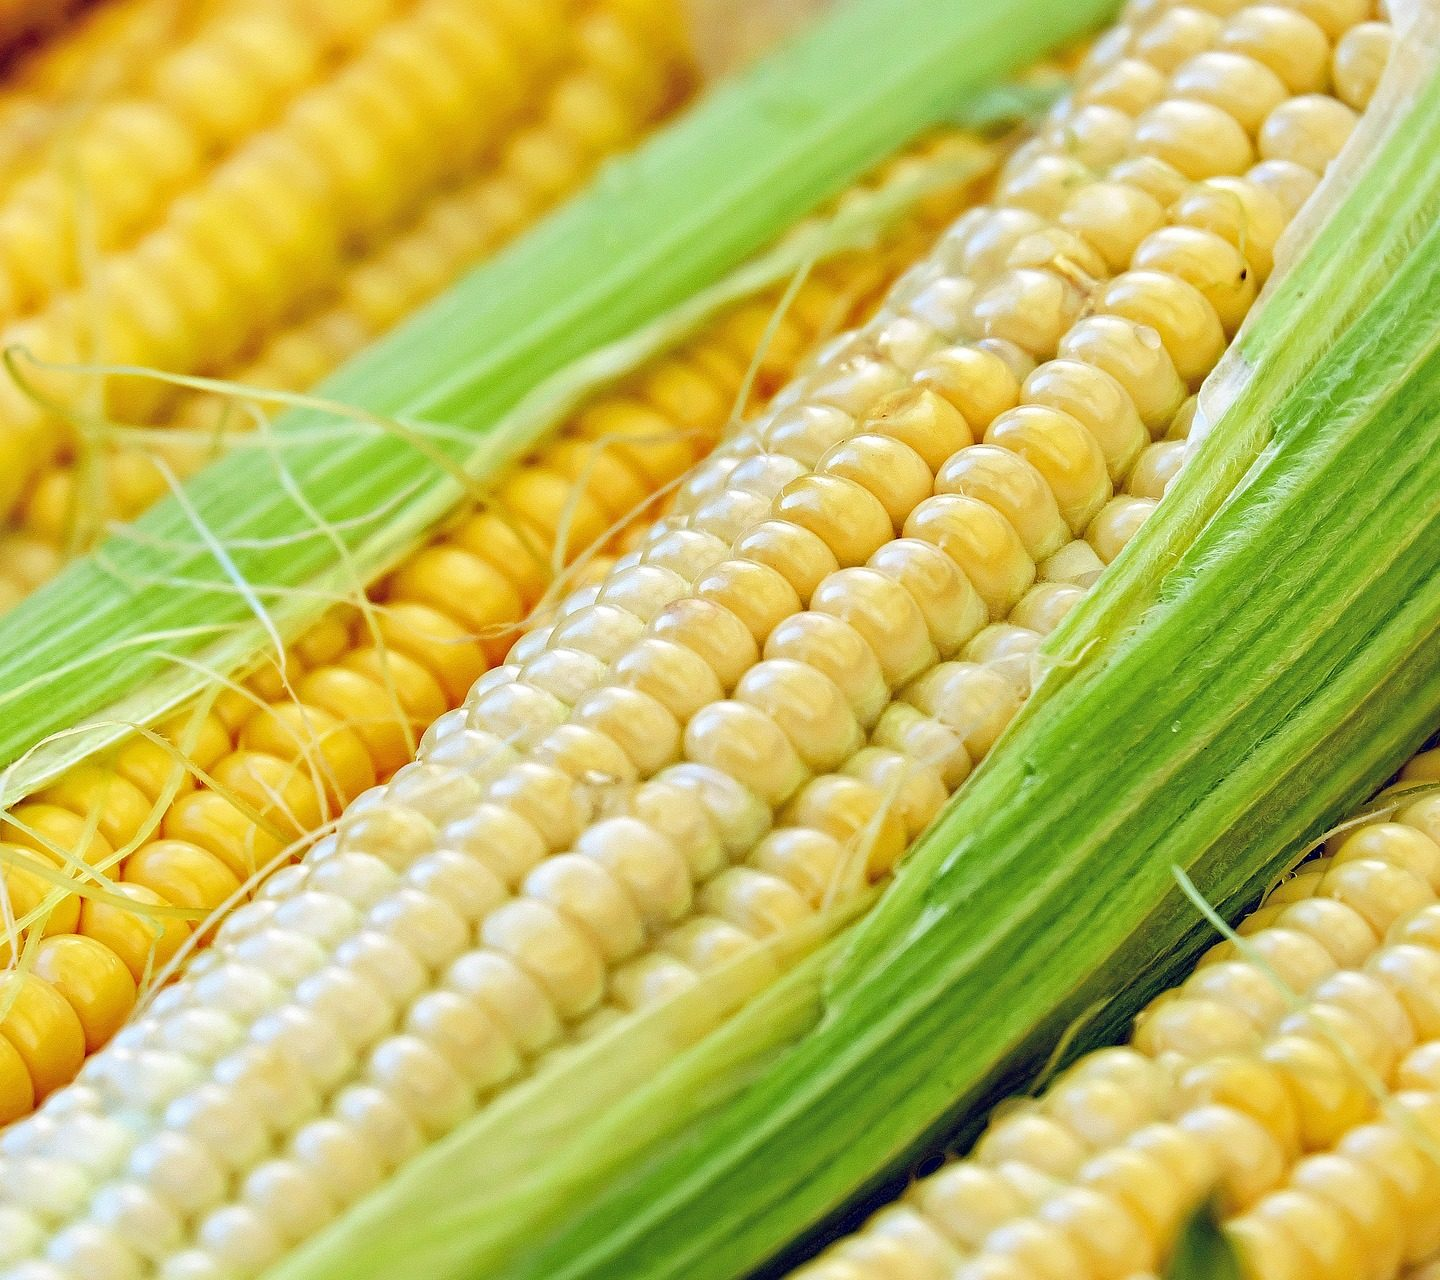 Европейски проучвания опровергават твърденията на френския учен Сералини за ГМ царевица